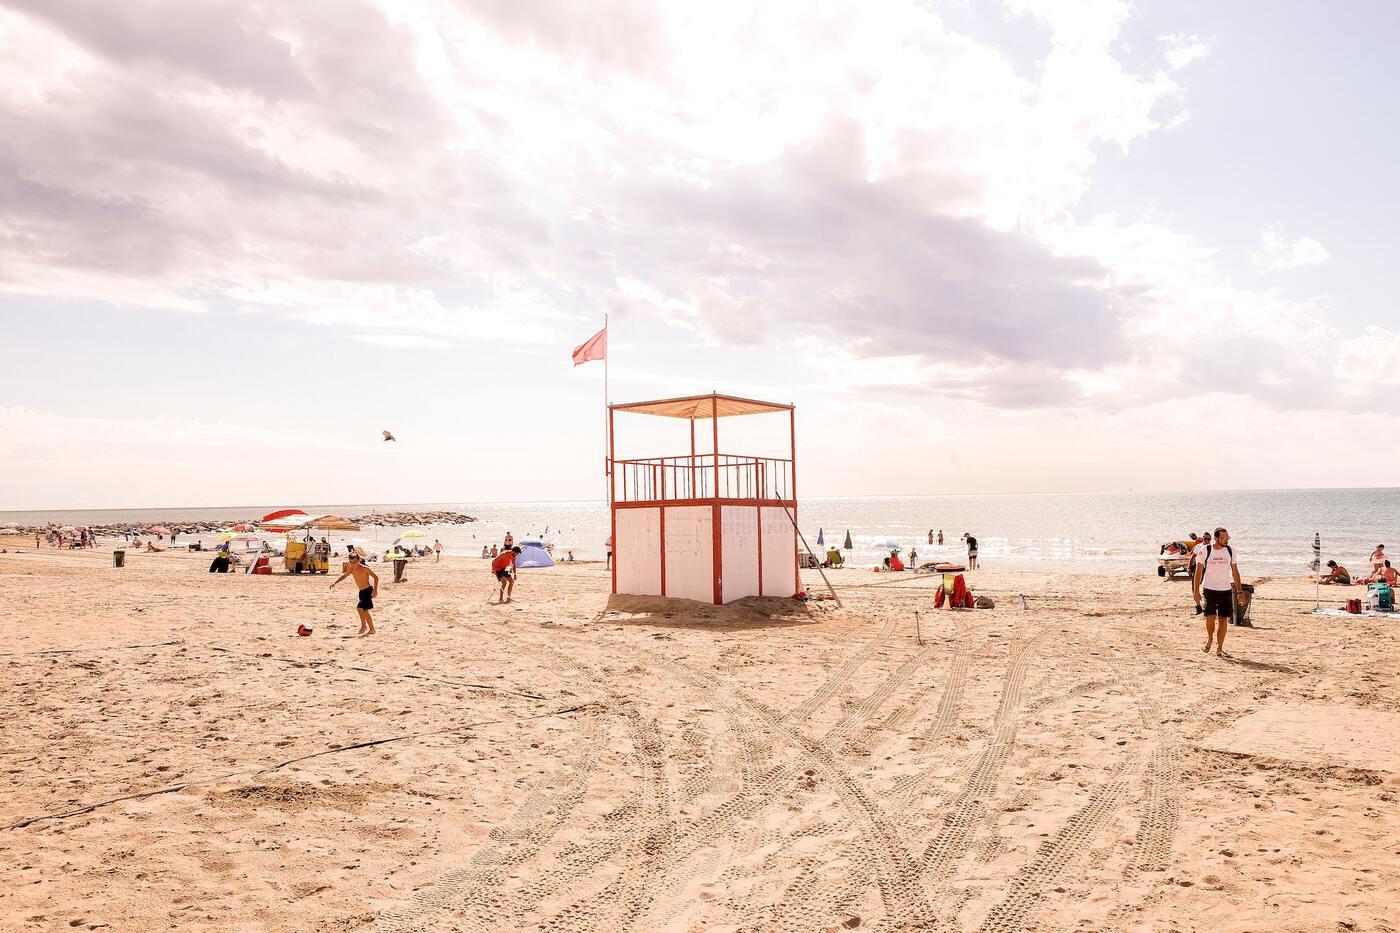 Spiaggia Di Punta Sabbioni, feiner Sandstrand in Venetien